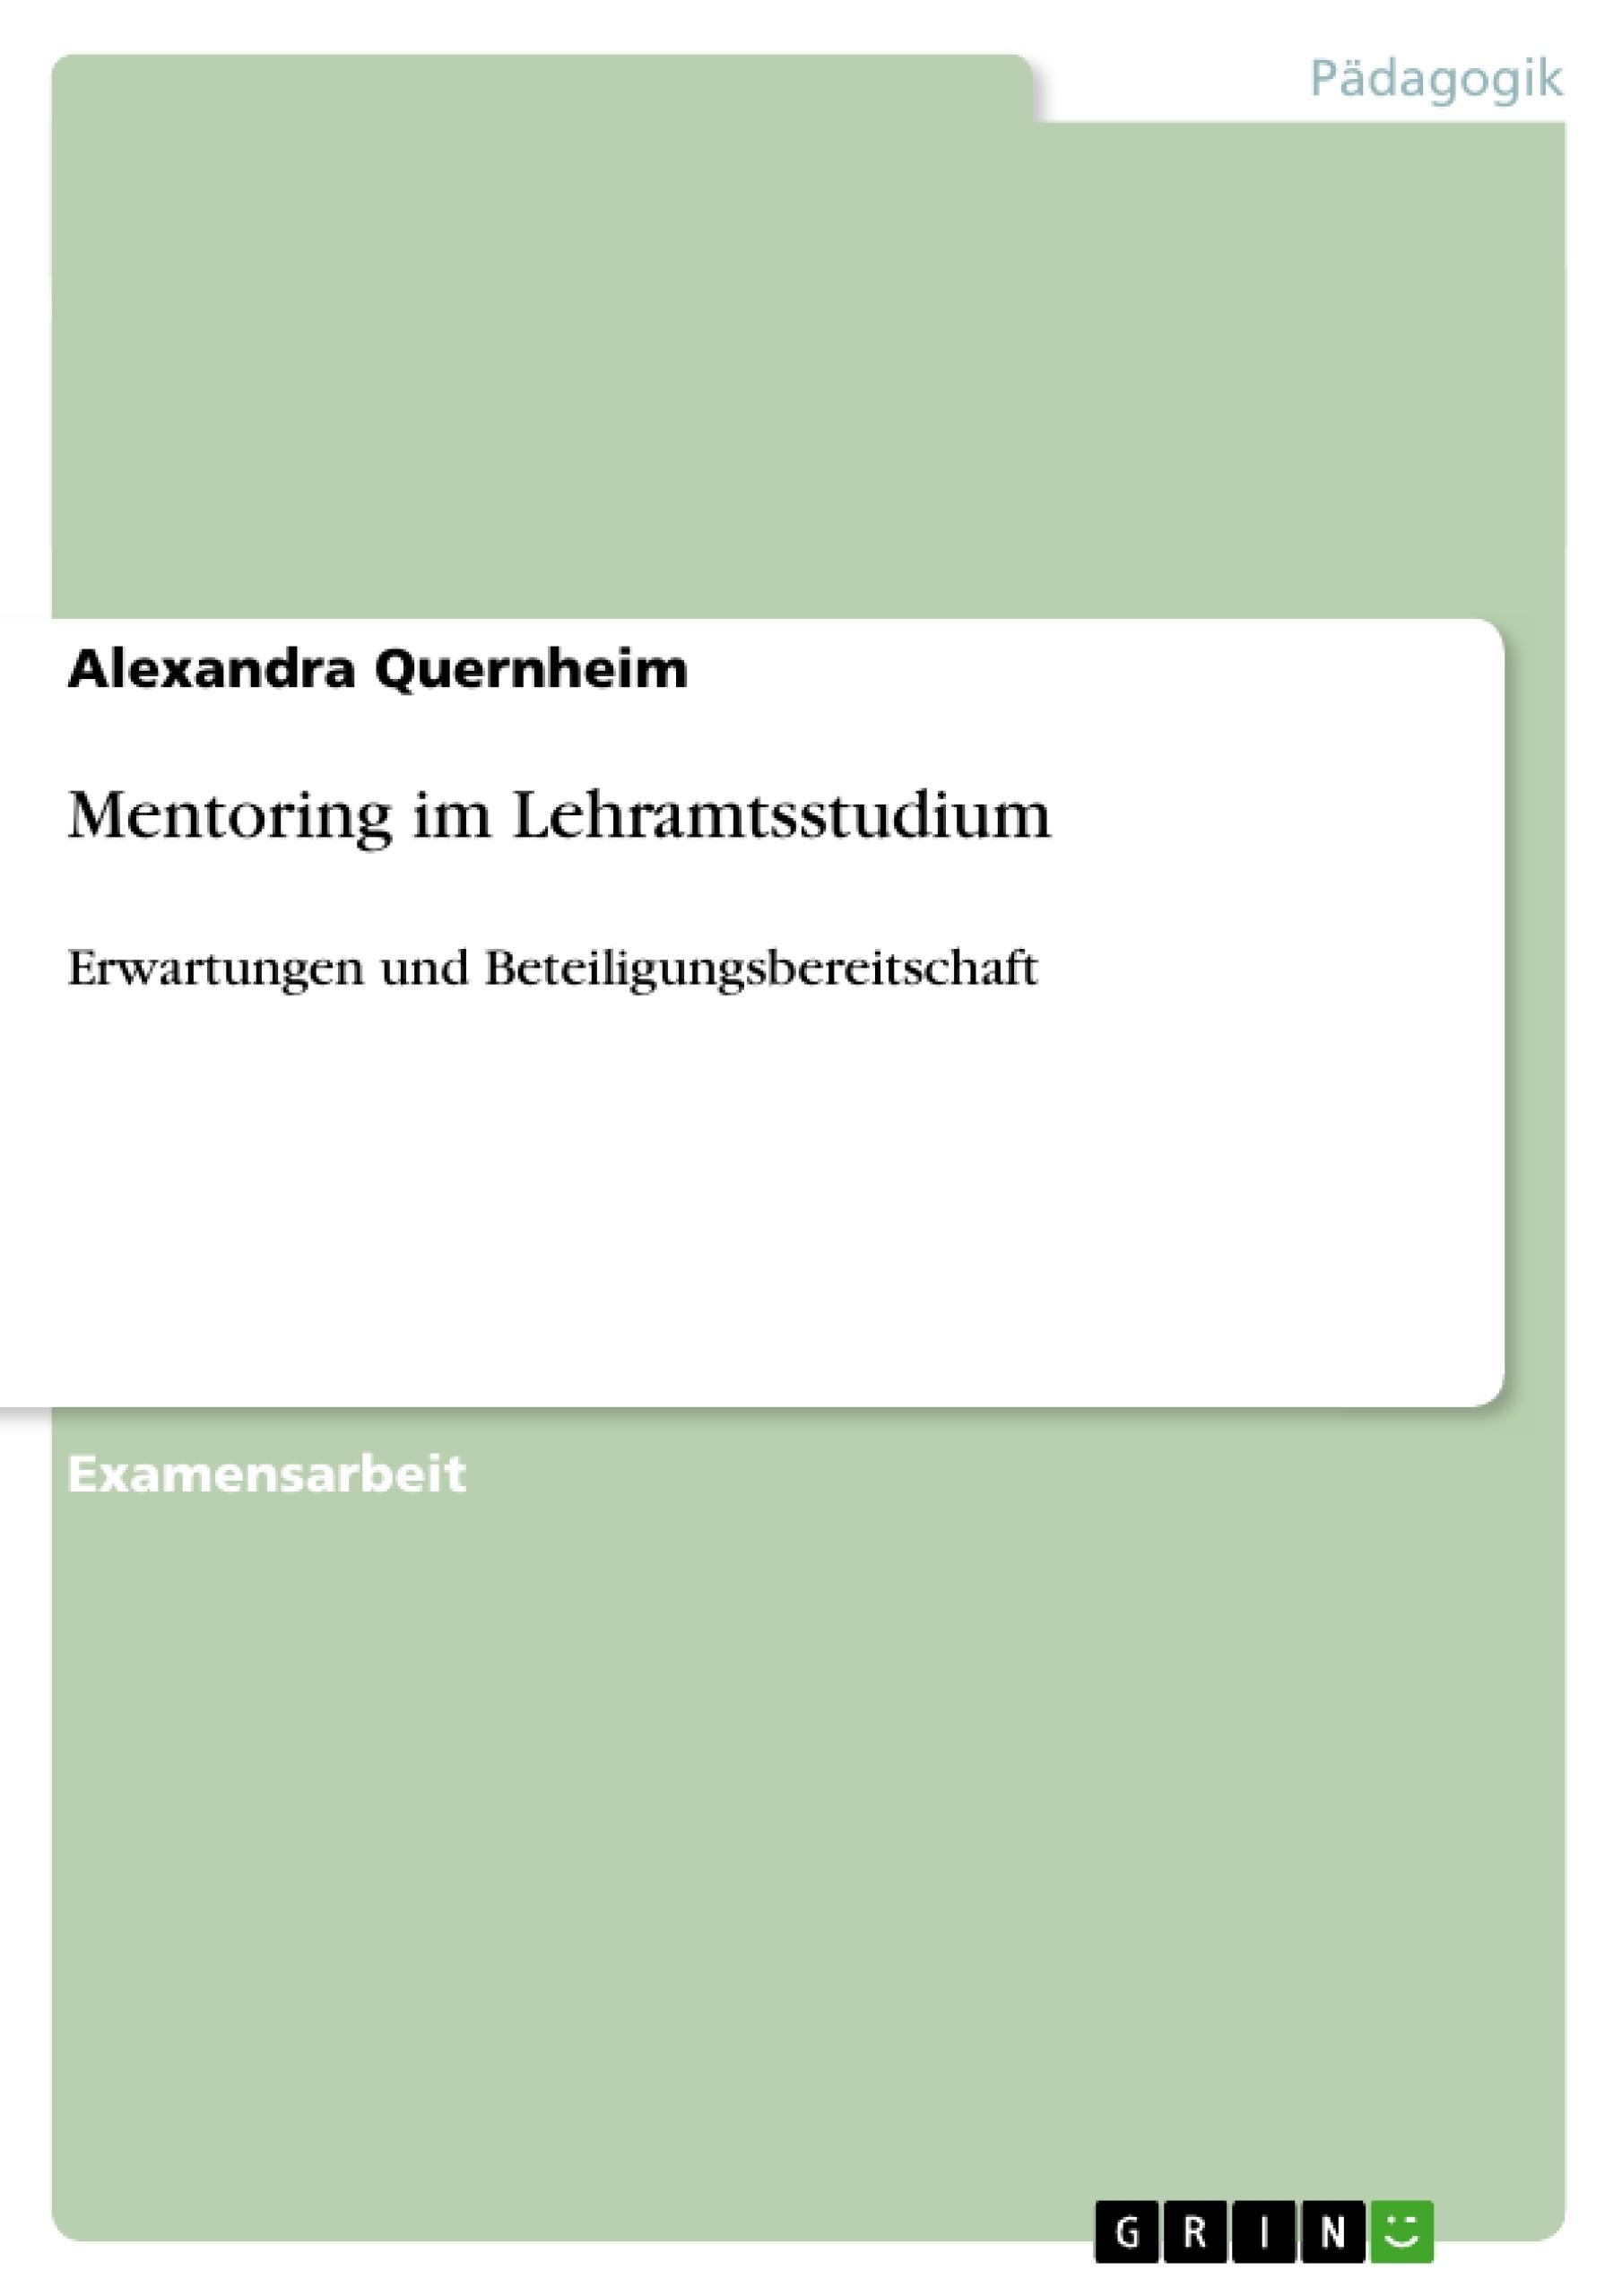 Titel: Mentoring im Lehramtsstudium